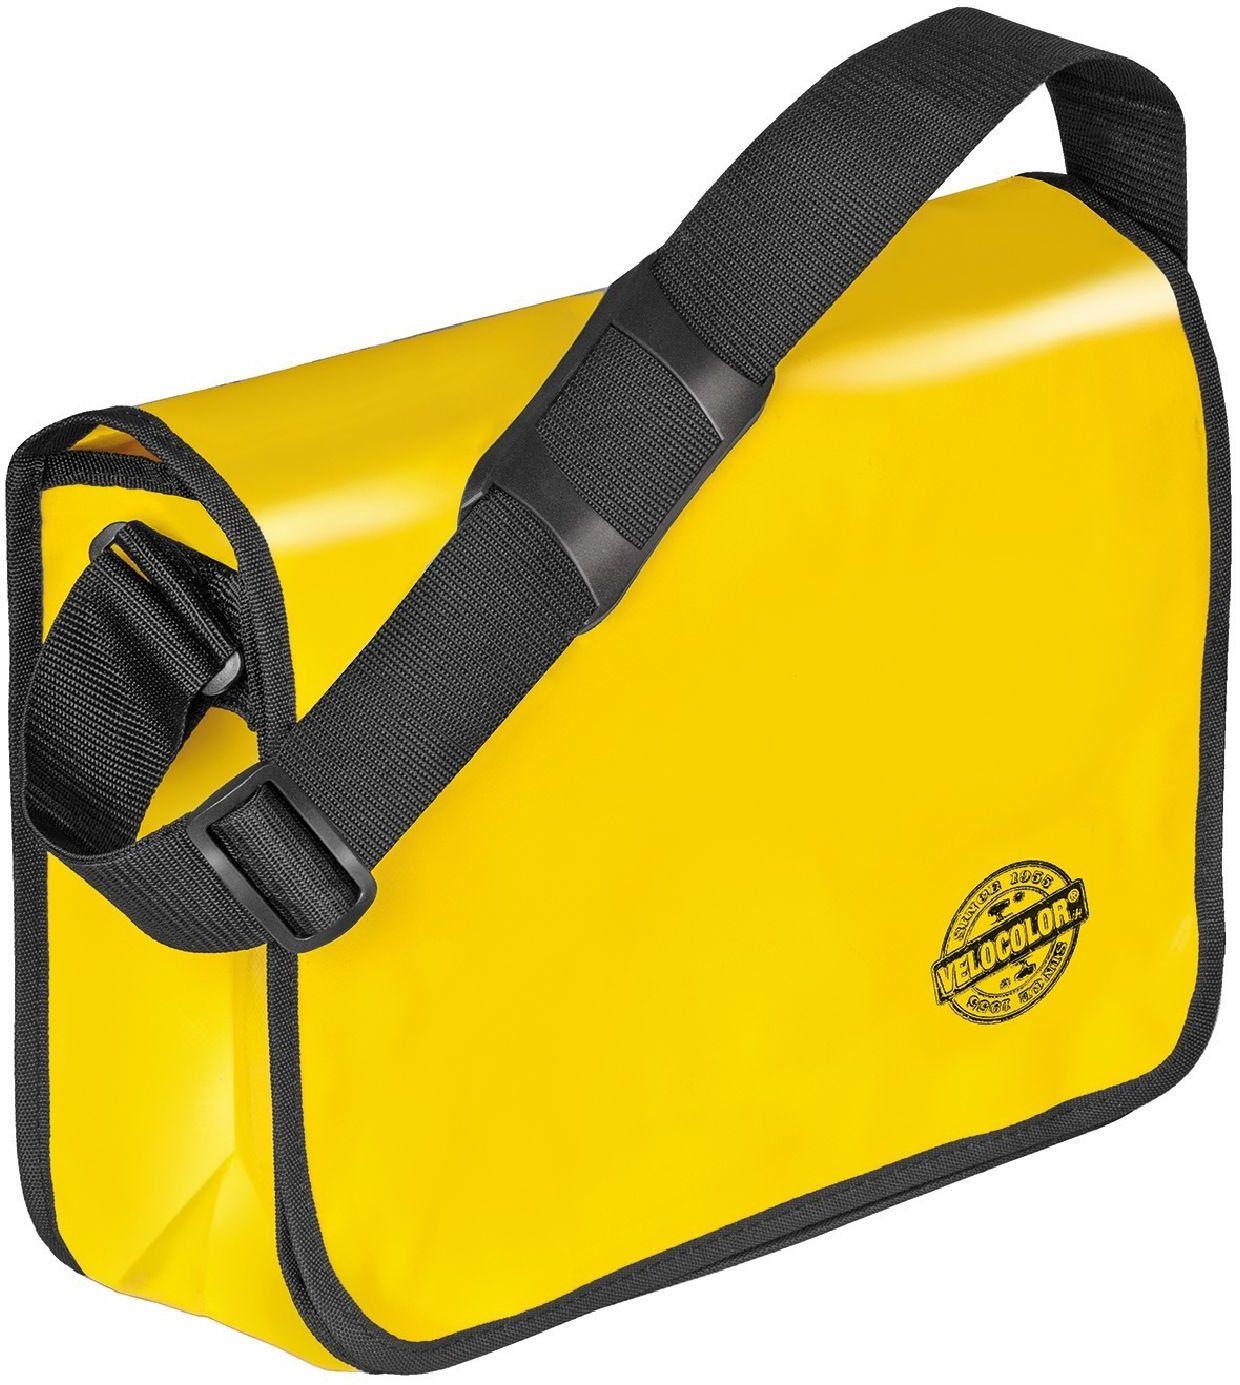 Veloflex Shoulder Bag Velocolor torba na ramię, różne kolory do wyboru, żółty (żółty) - 10100932